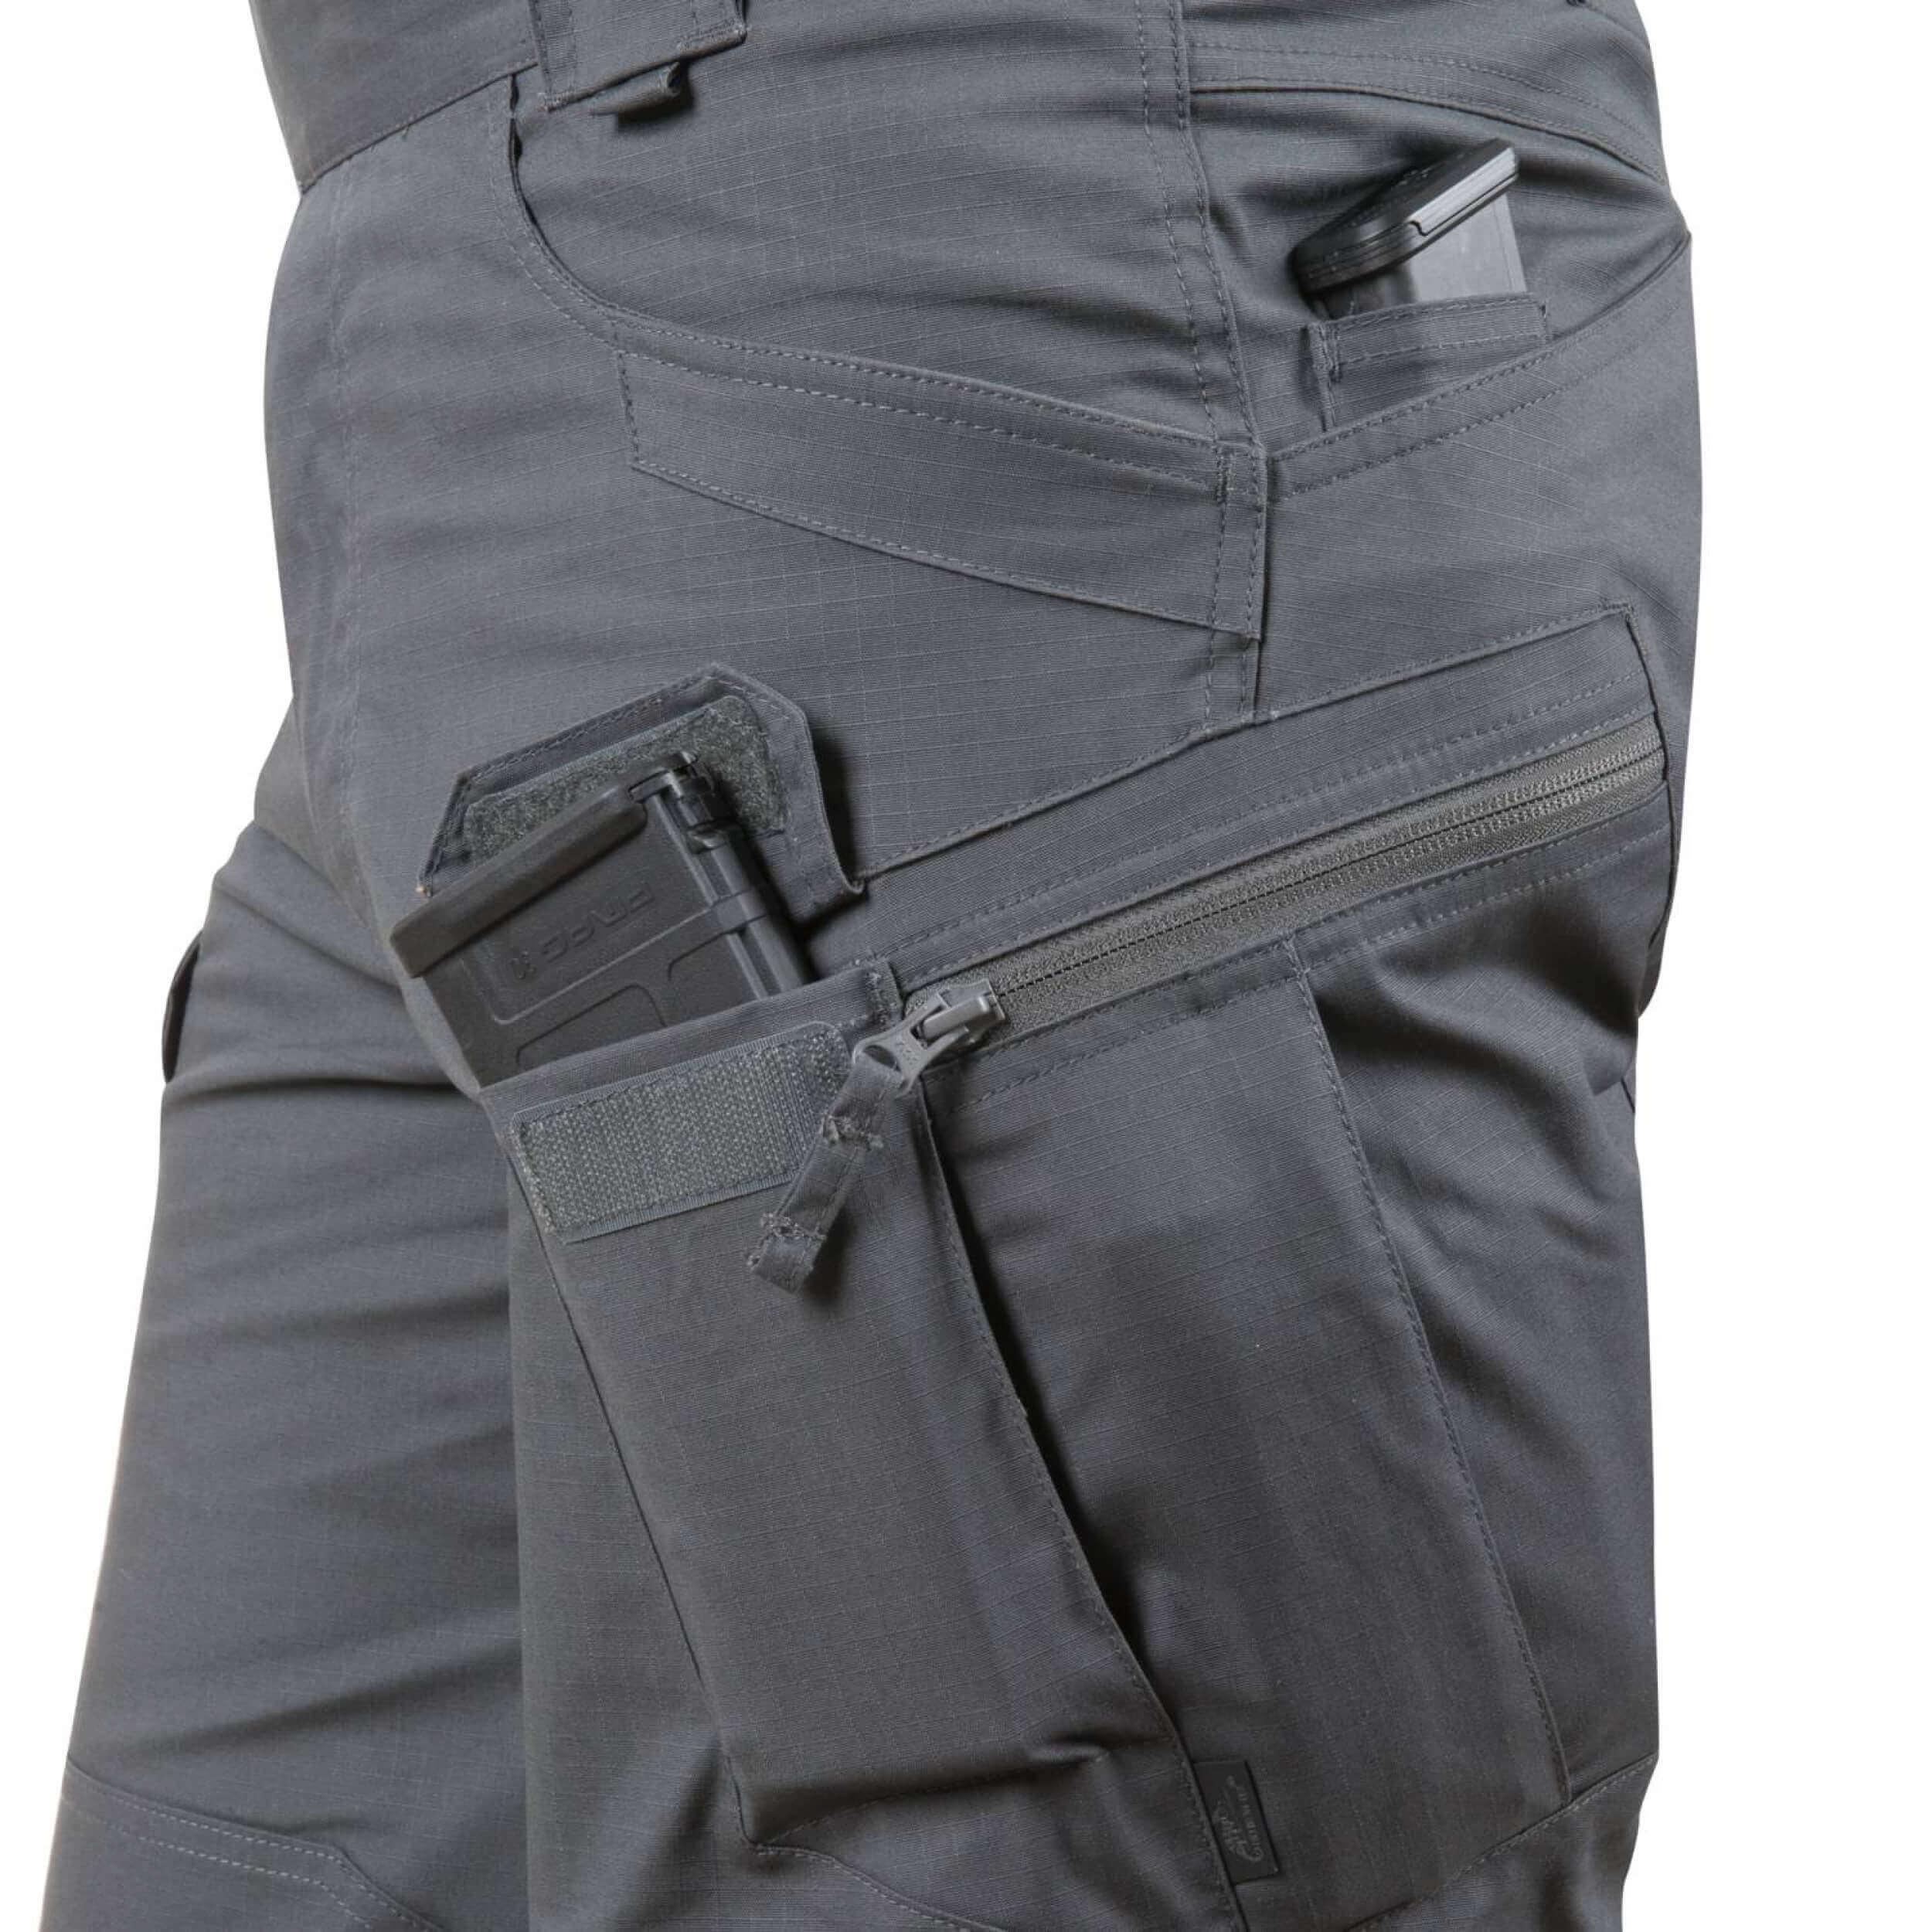 Urban Tactical Shorts 11'' - PolyCotton Ripstop adaptive green - HCS  Ausrüstungs GmbH | Die beste Ausrüstung für Profis